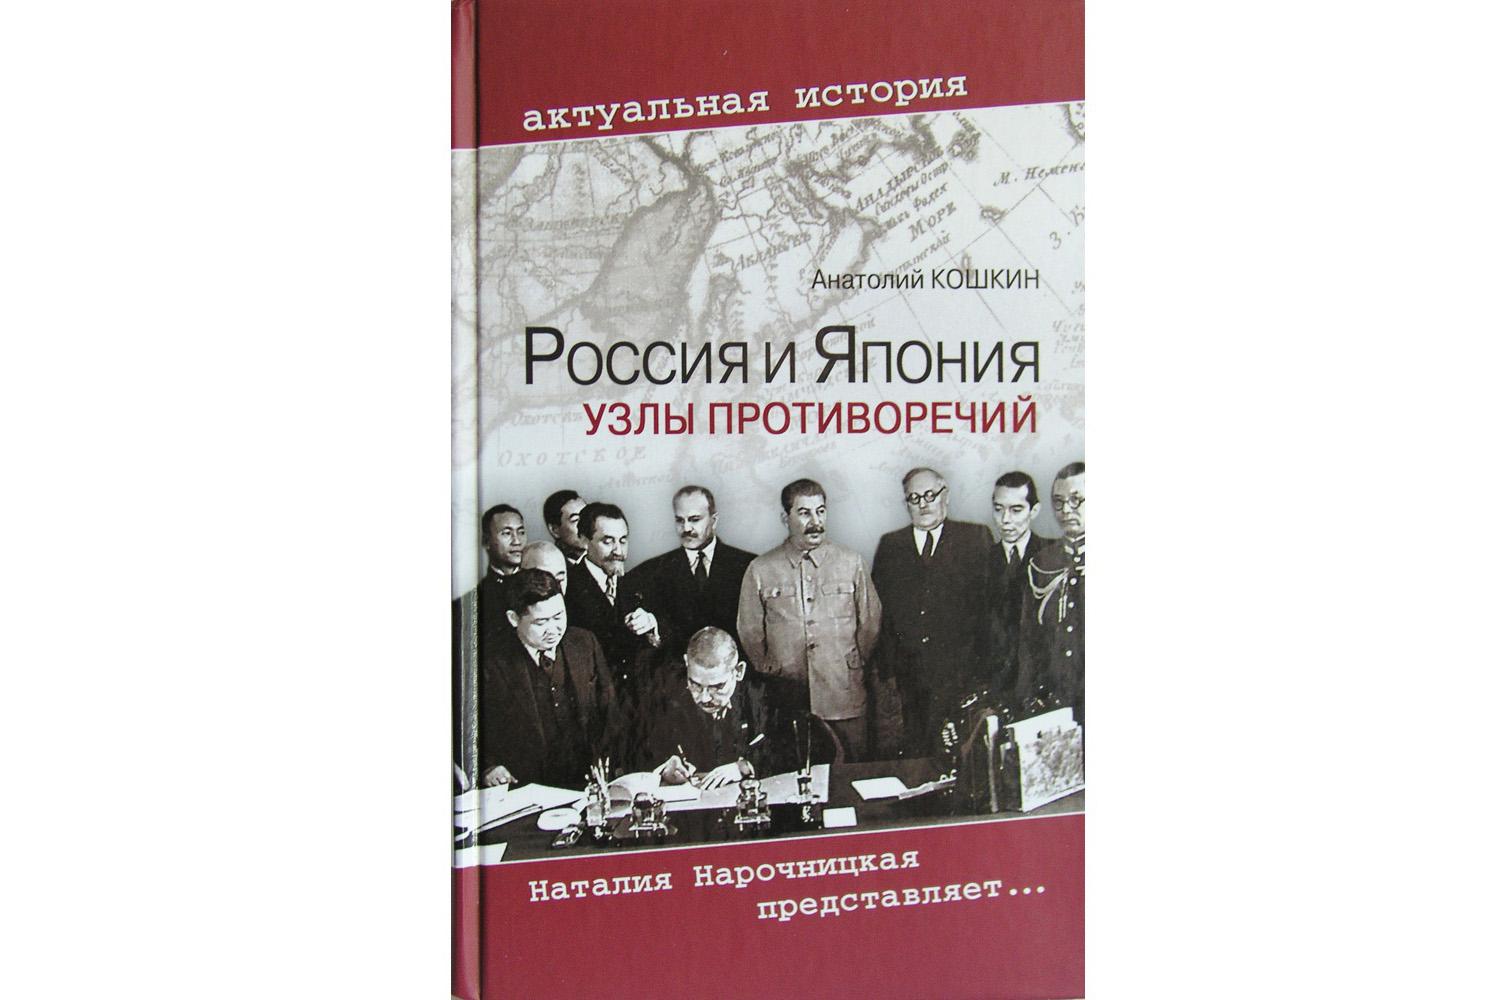 Россия и Япония  Узлы противоречий, Издательство Вече